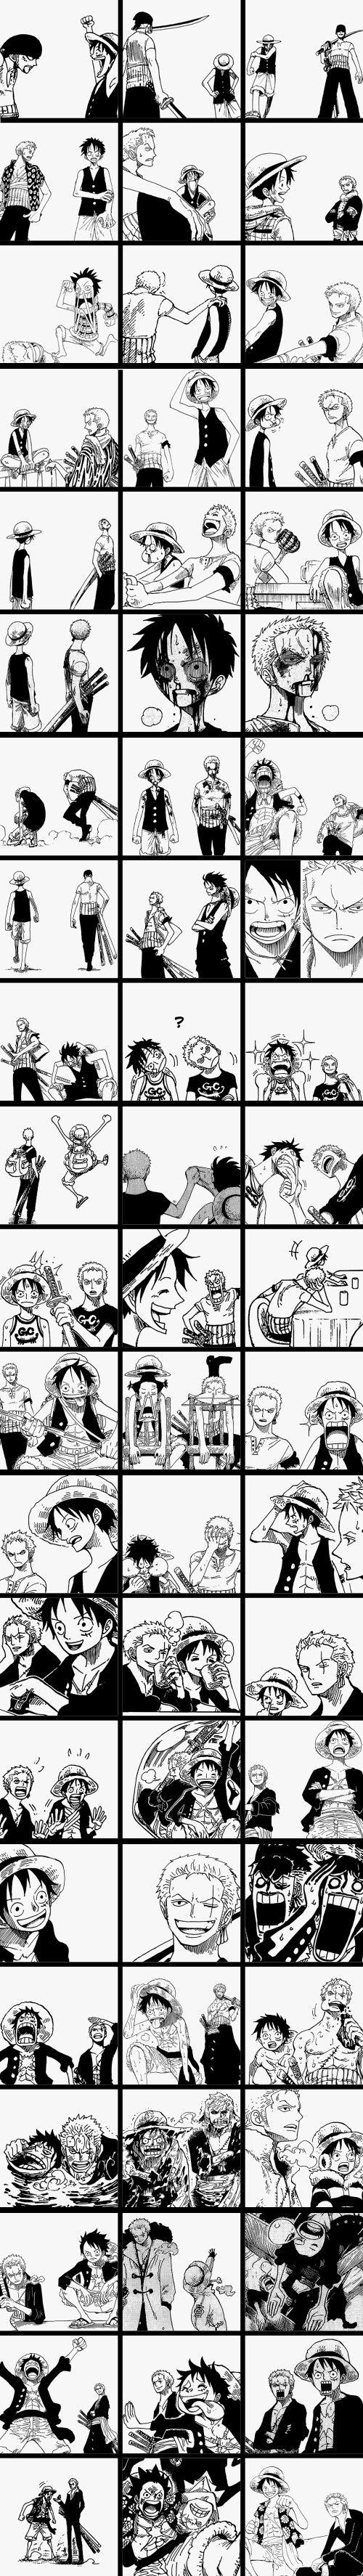 Luffy & Zoro | One Piece